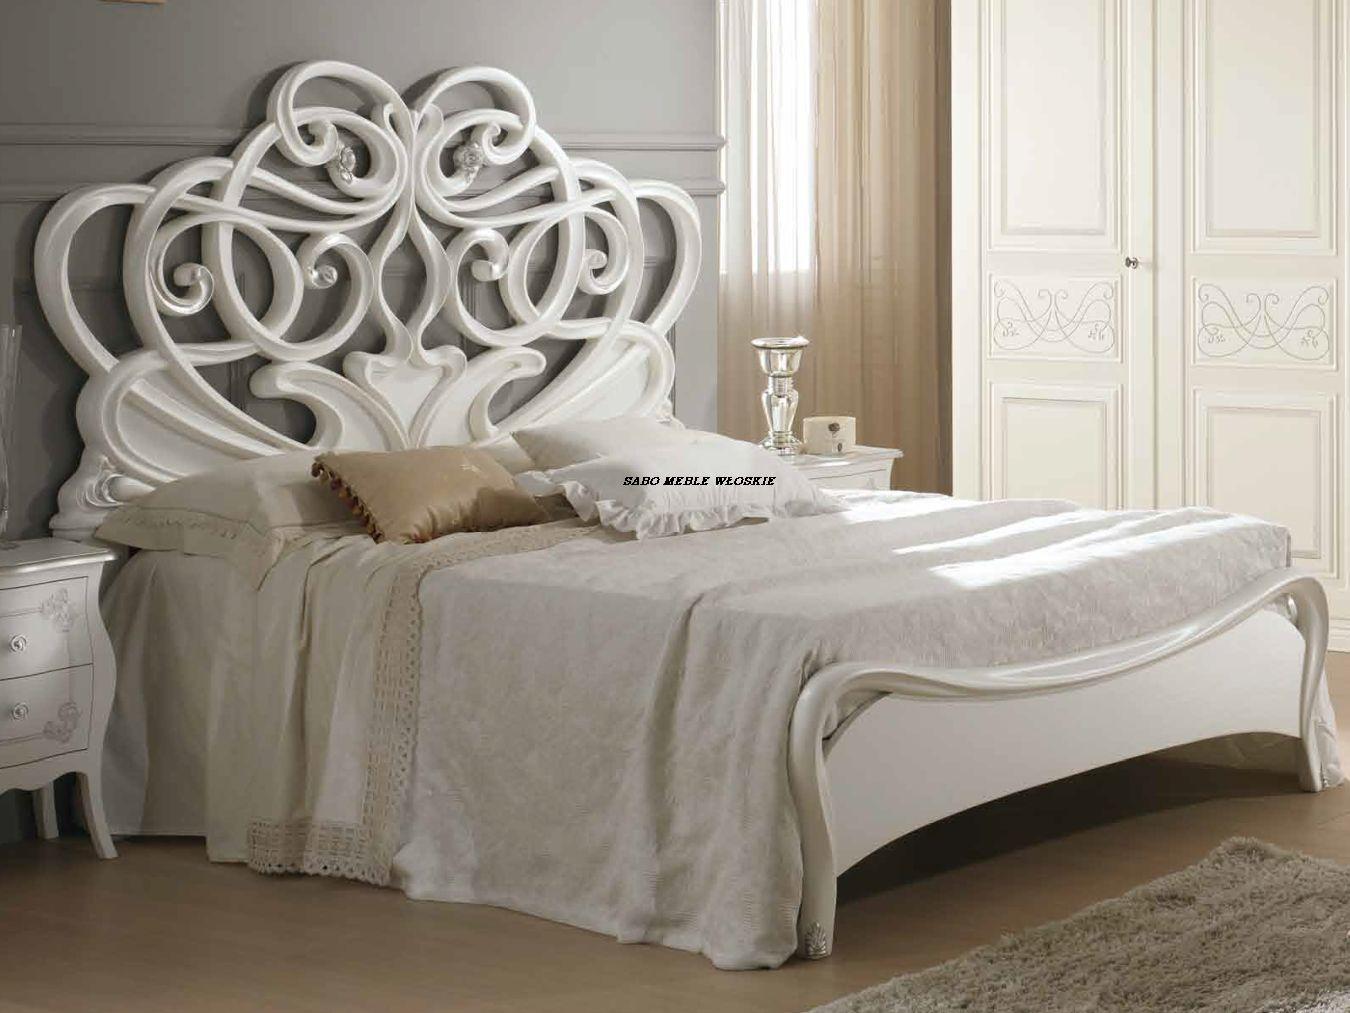 łóżko Capri180 2 Szafki Nocne Biało Srebrne Meble Sabo